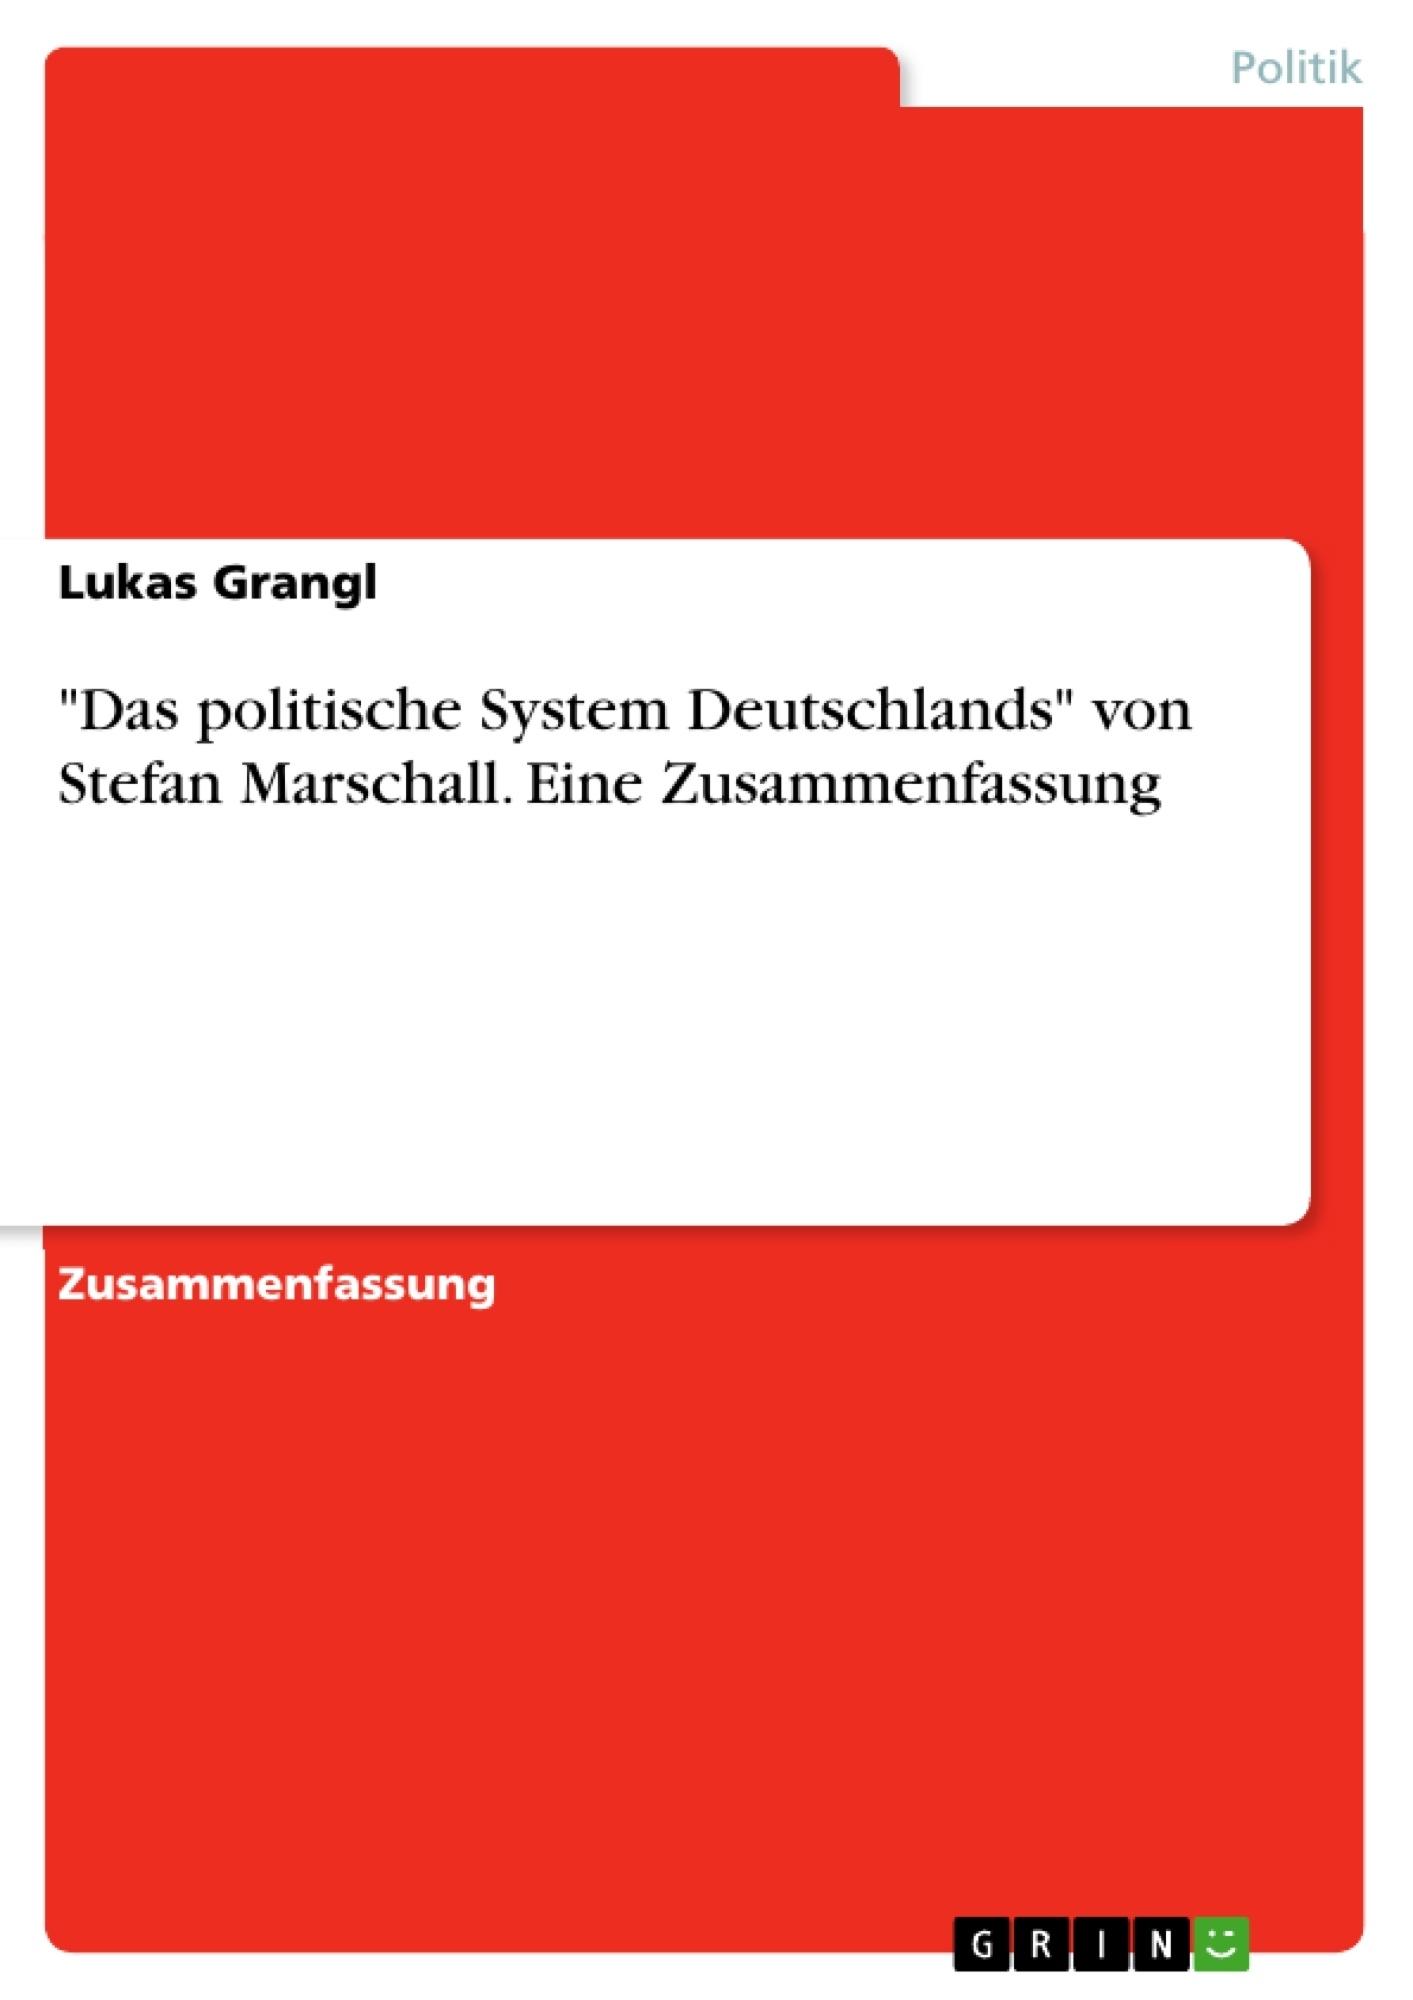 Das politische System Deutschlands\